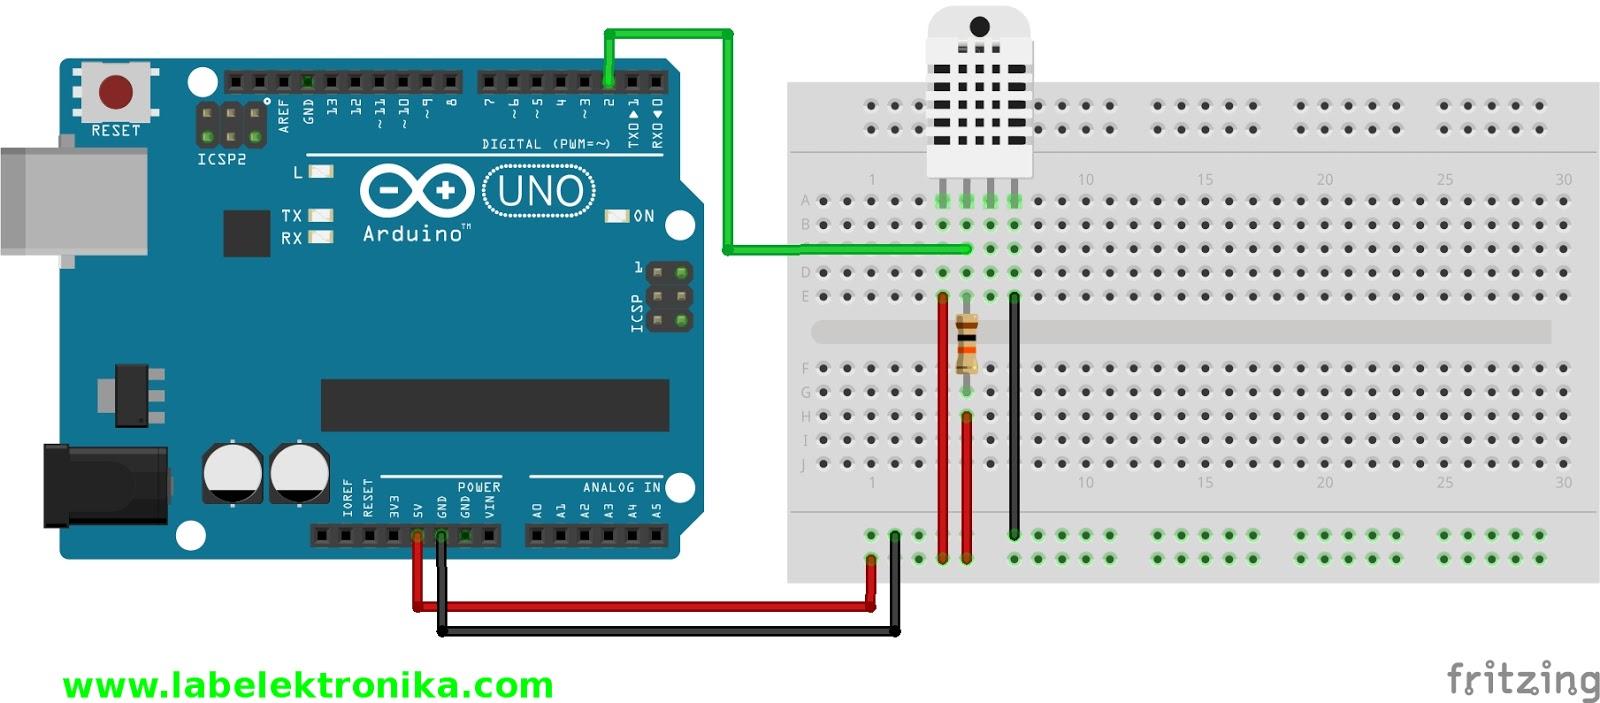 Dht22 Sensor Suhu Dan Kelembapan Menggunakan Arduino